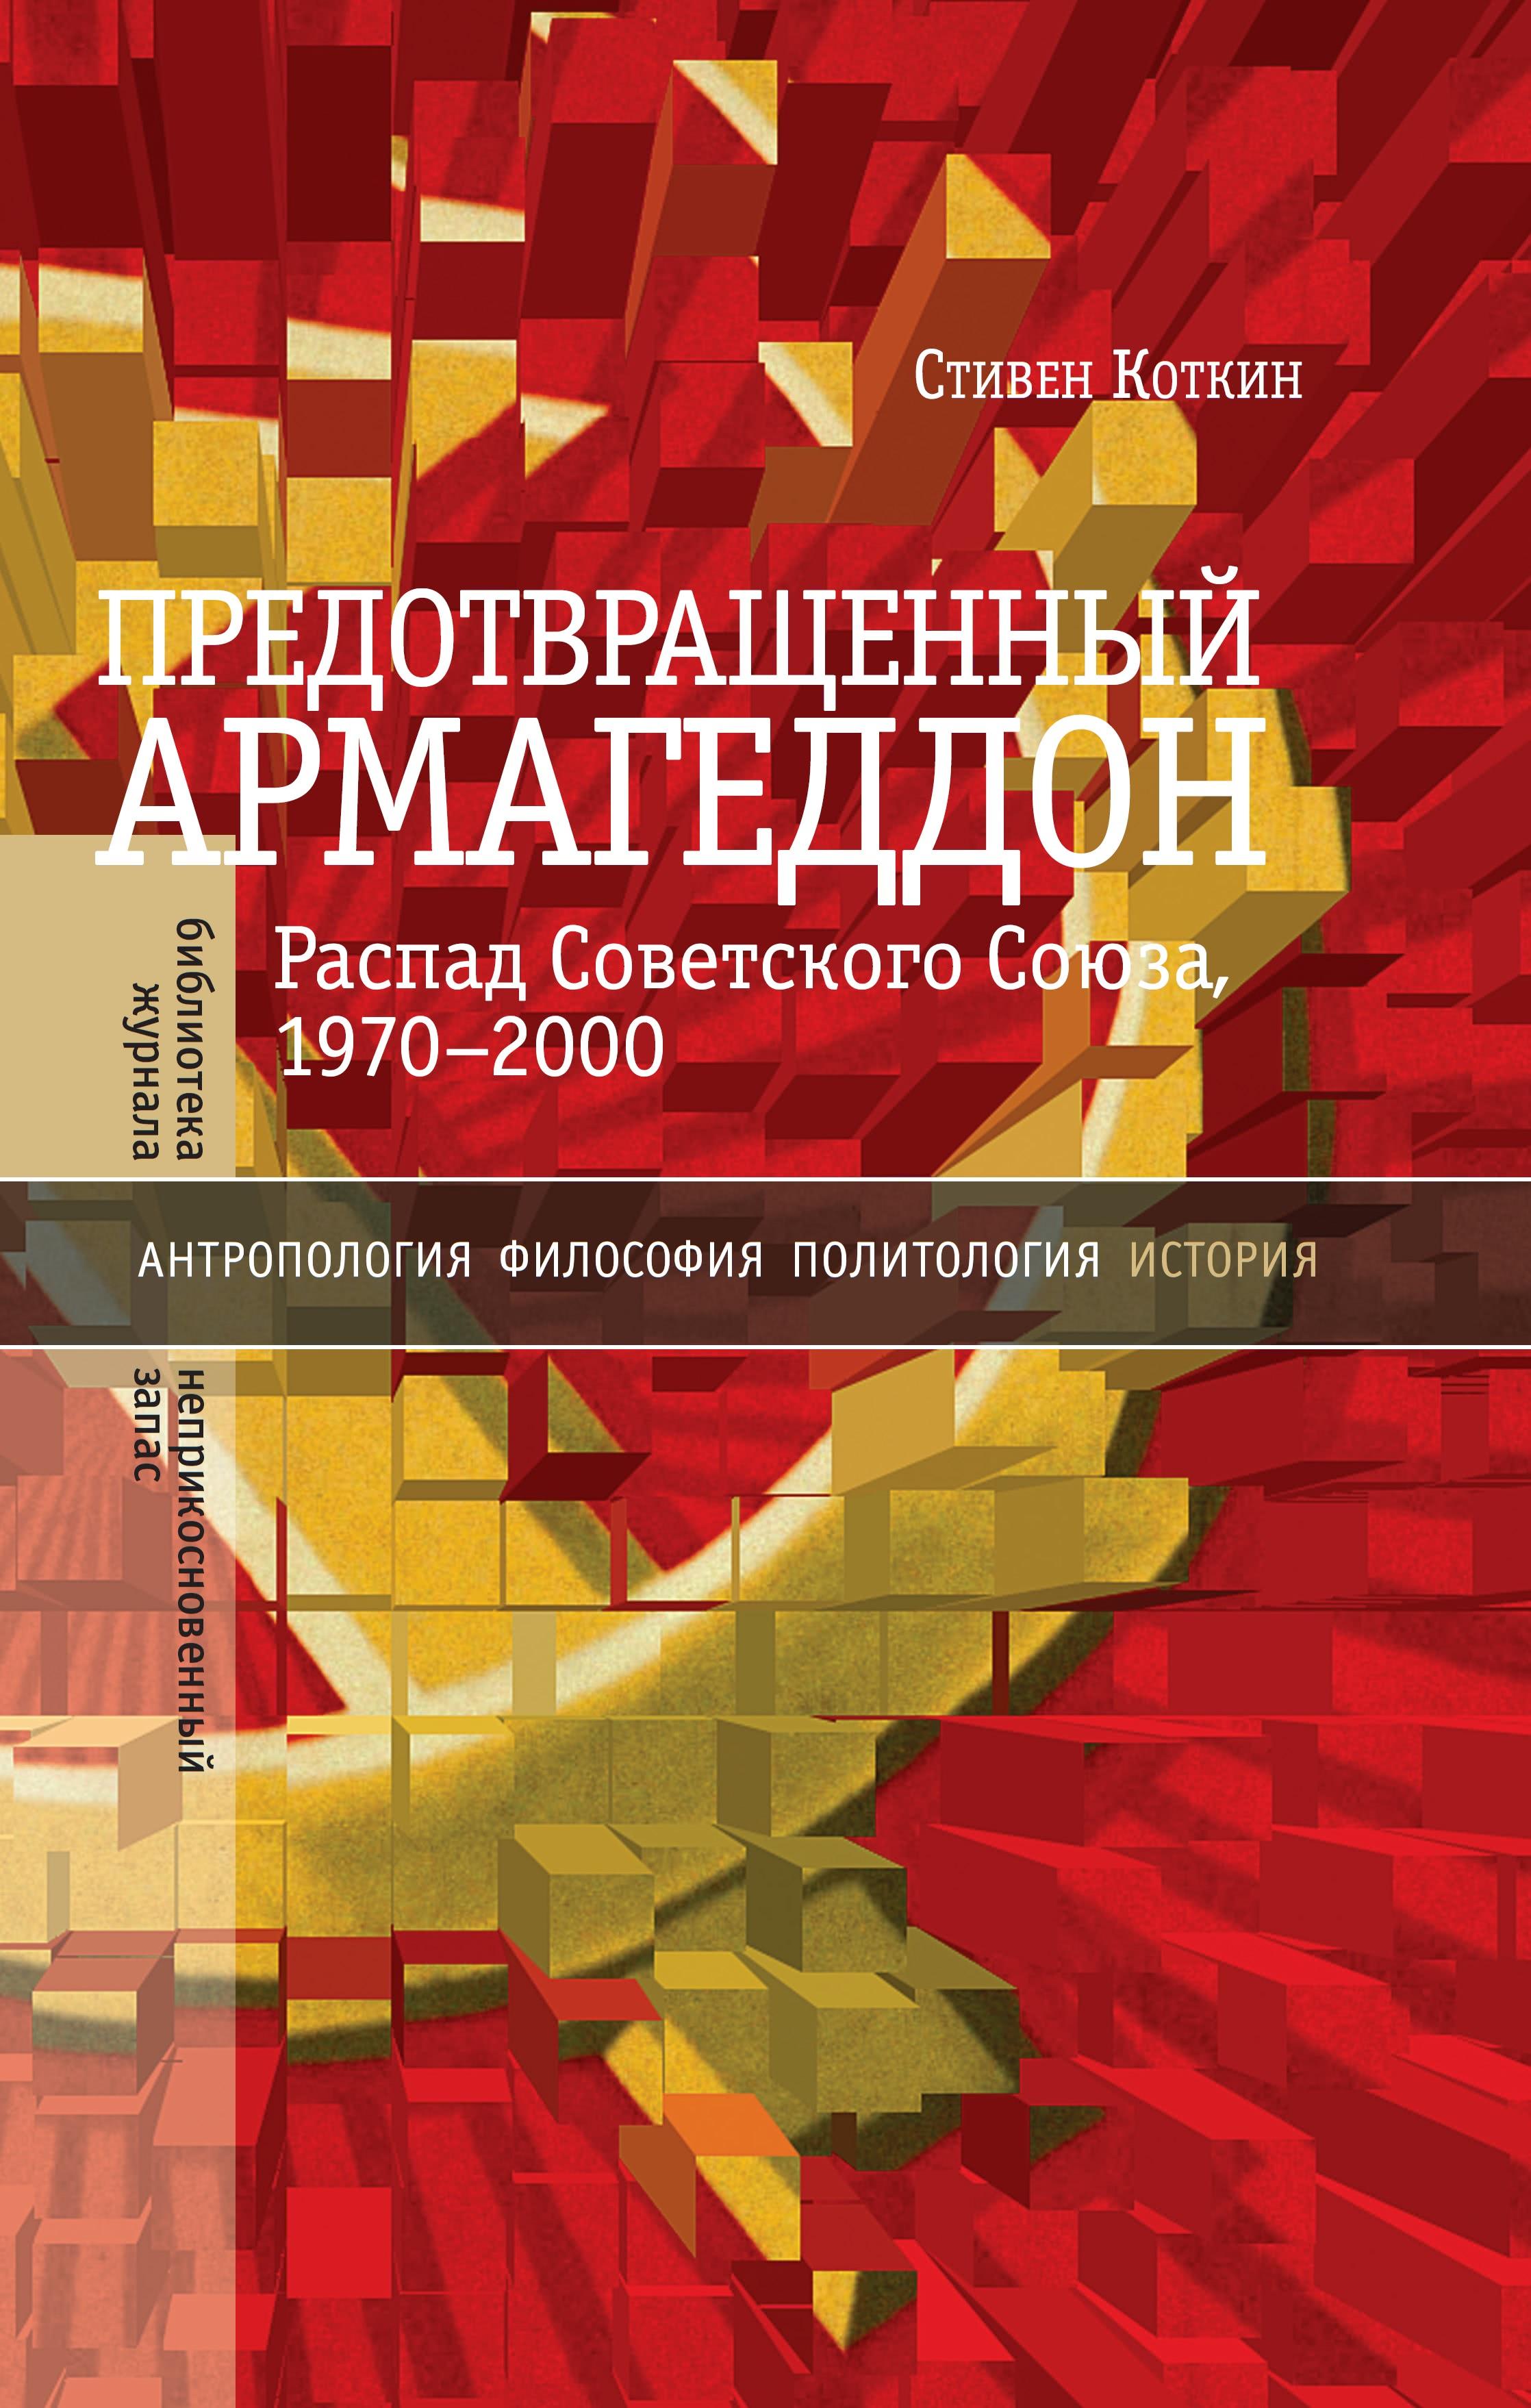 Предотвращенный Армагеддон. Распад Советского Союза, 1970–2000